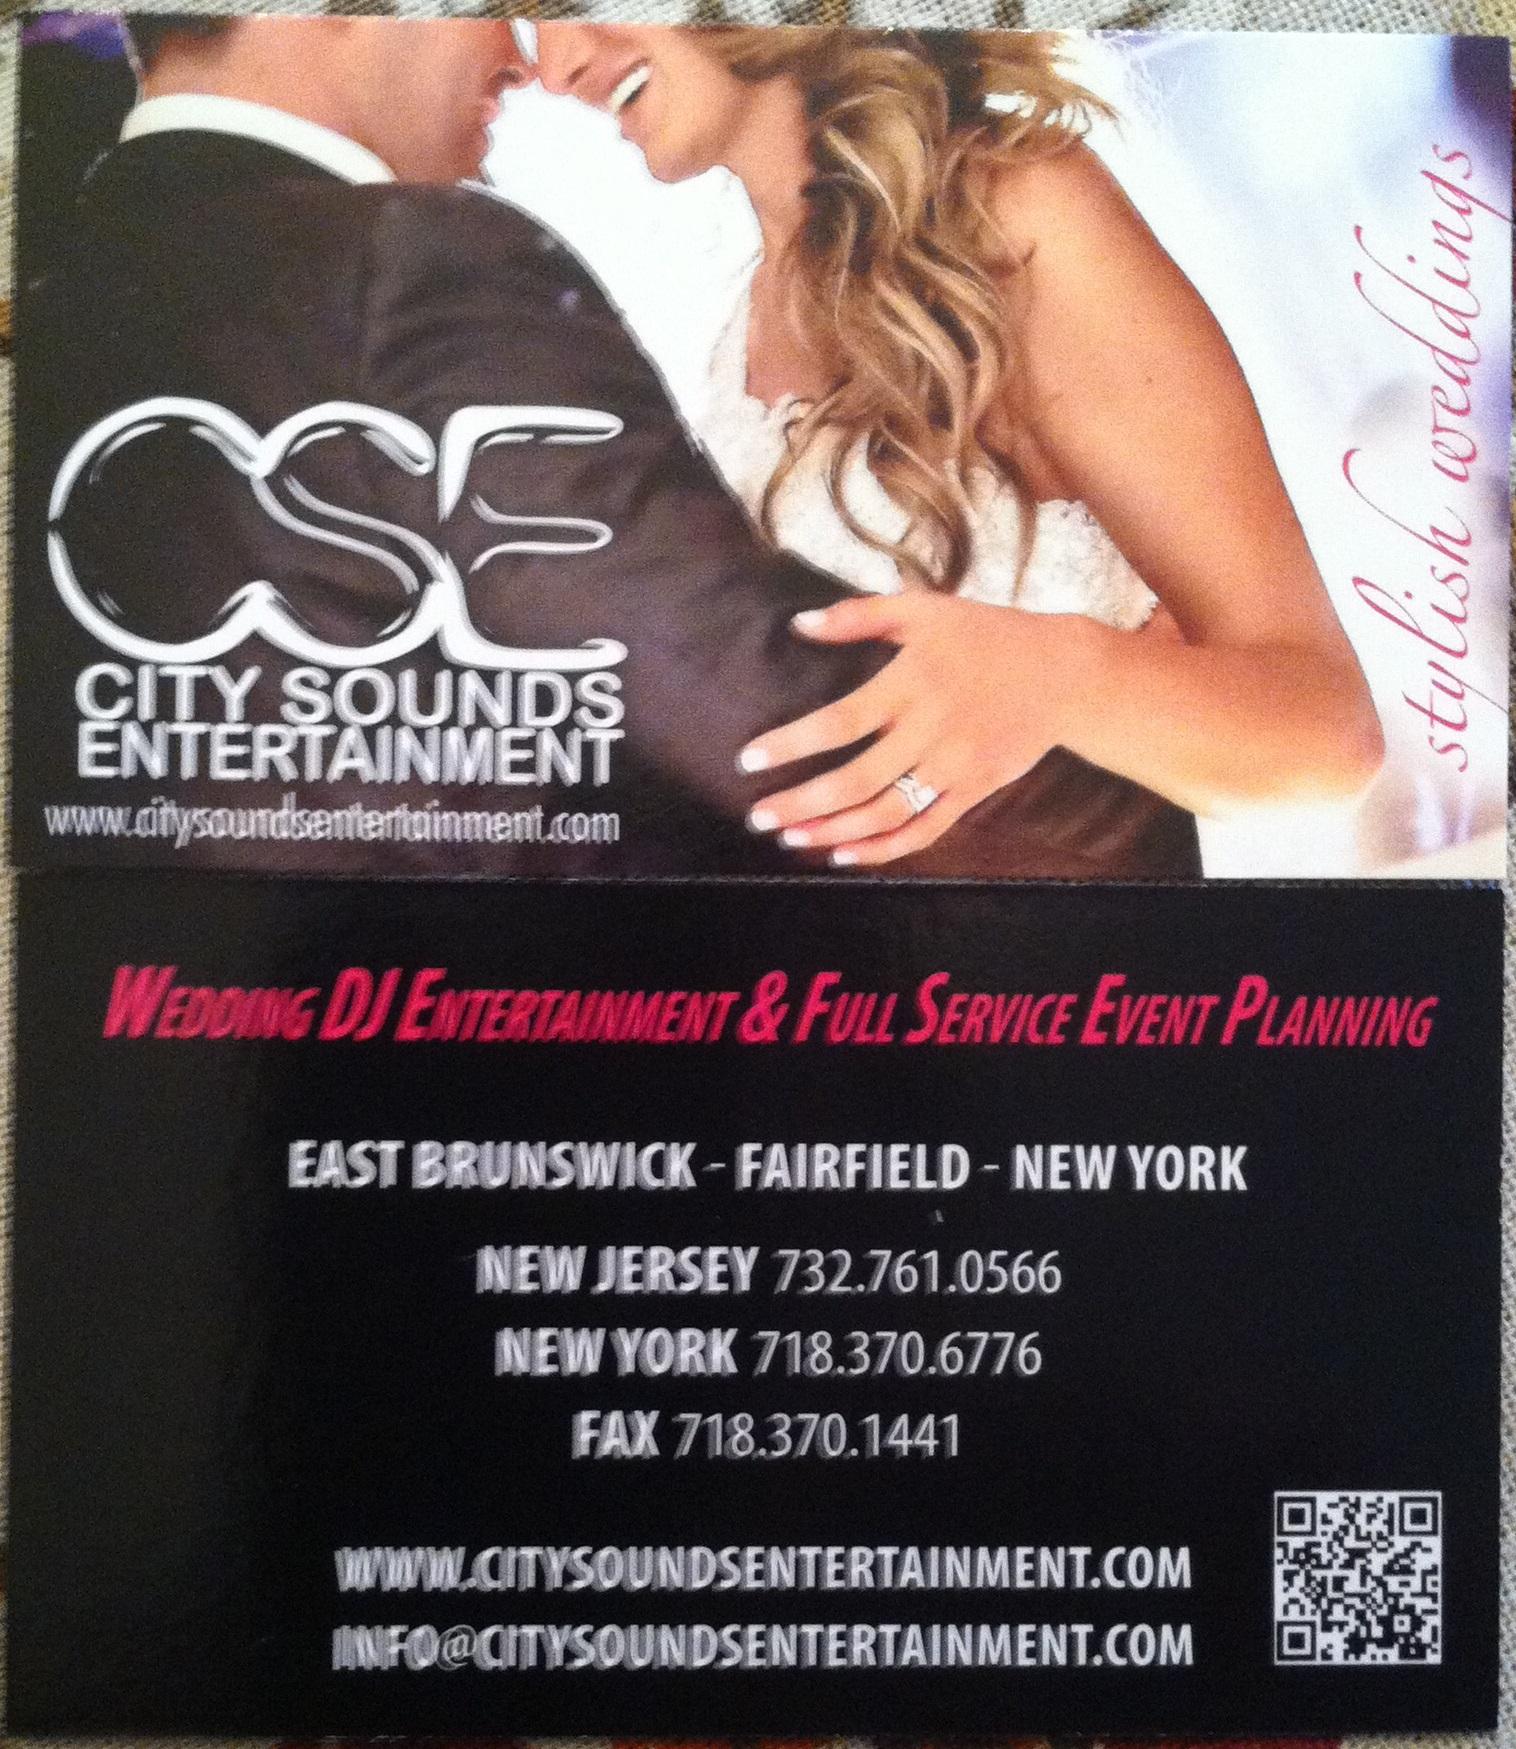 City Sounds Entertainment